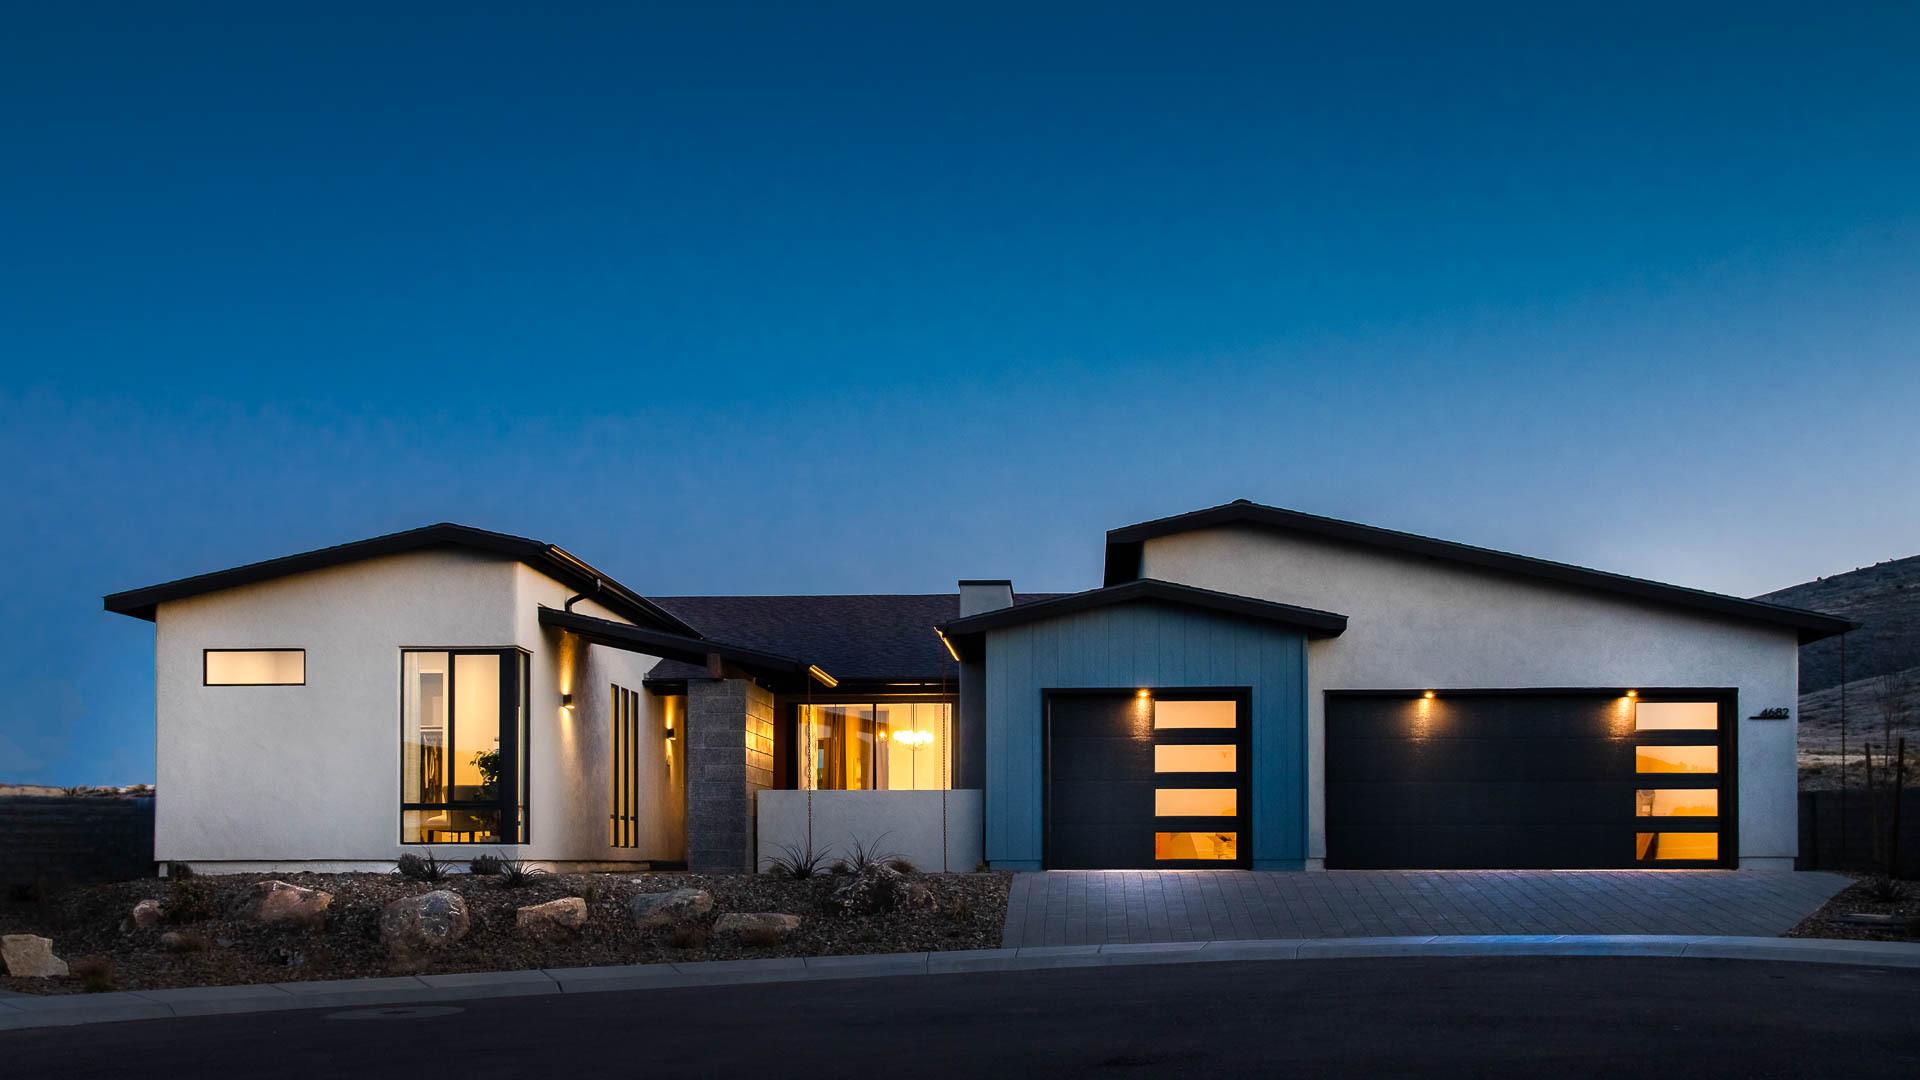 Jasper By Mandalay Homes in Arizona.